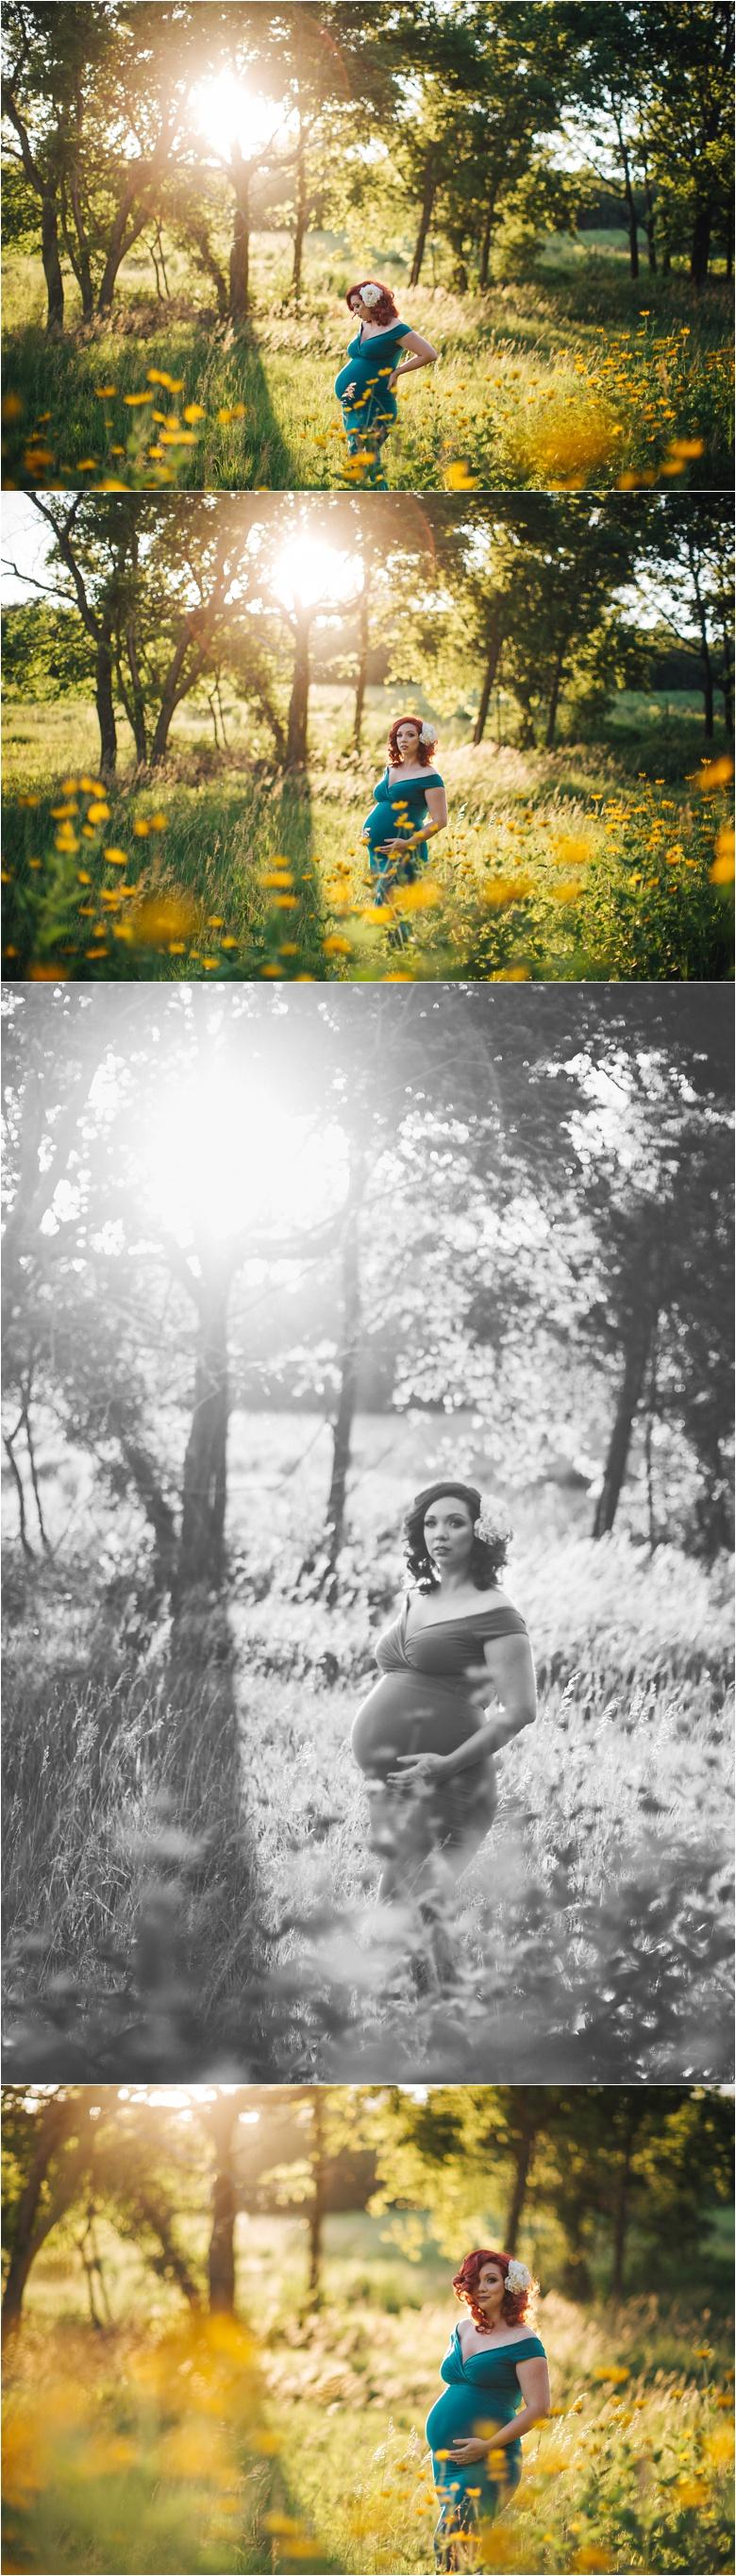 kansascitymaternityphotographer_0004